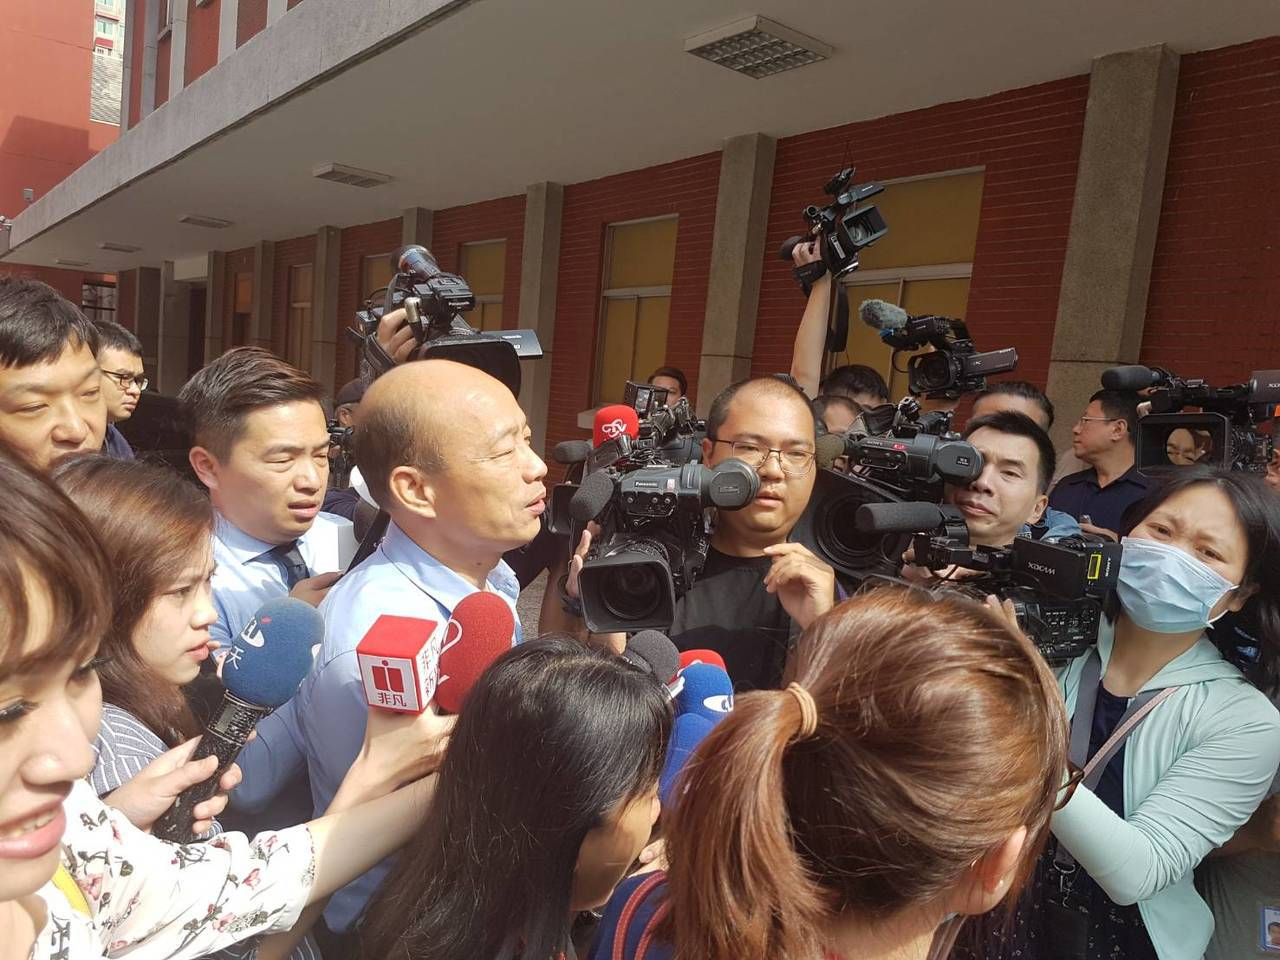 立法院臨時會今天登場,高雄市長韓國瑜上午八點多突然到立院,拜會國民黨團及高雄選區...